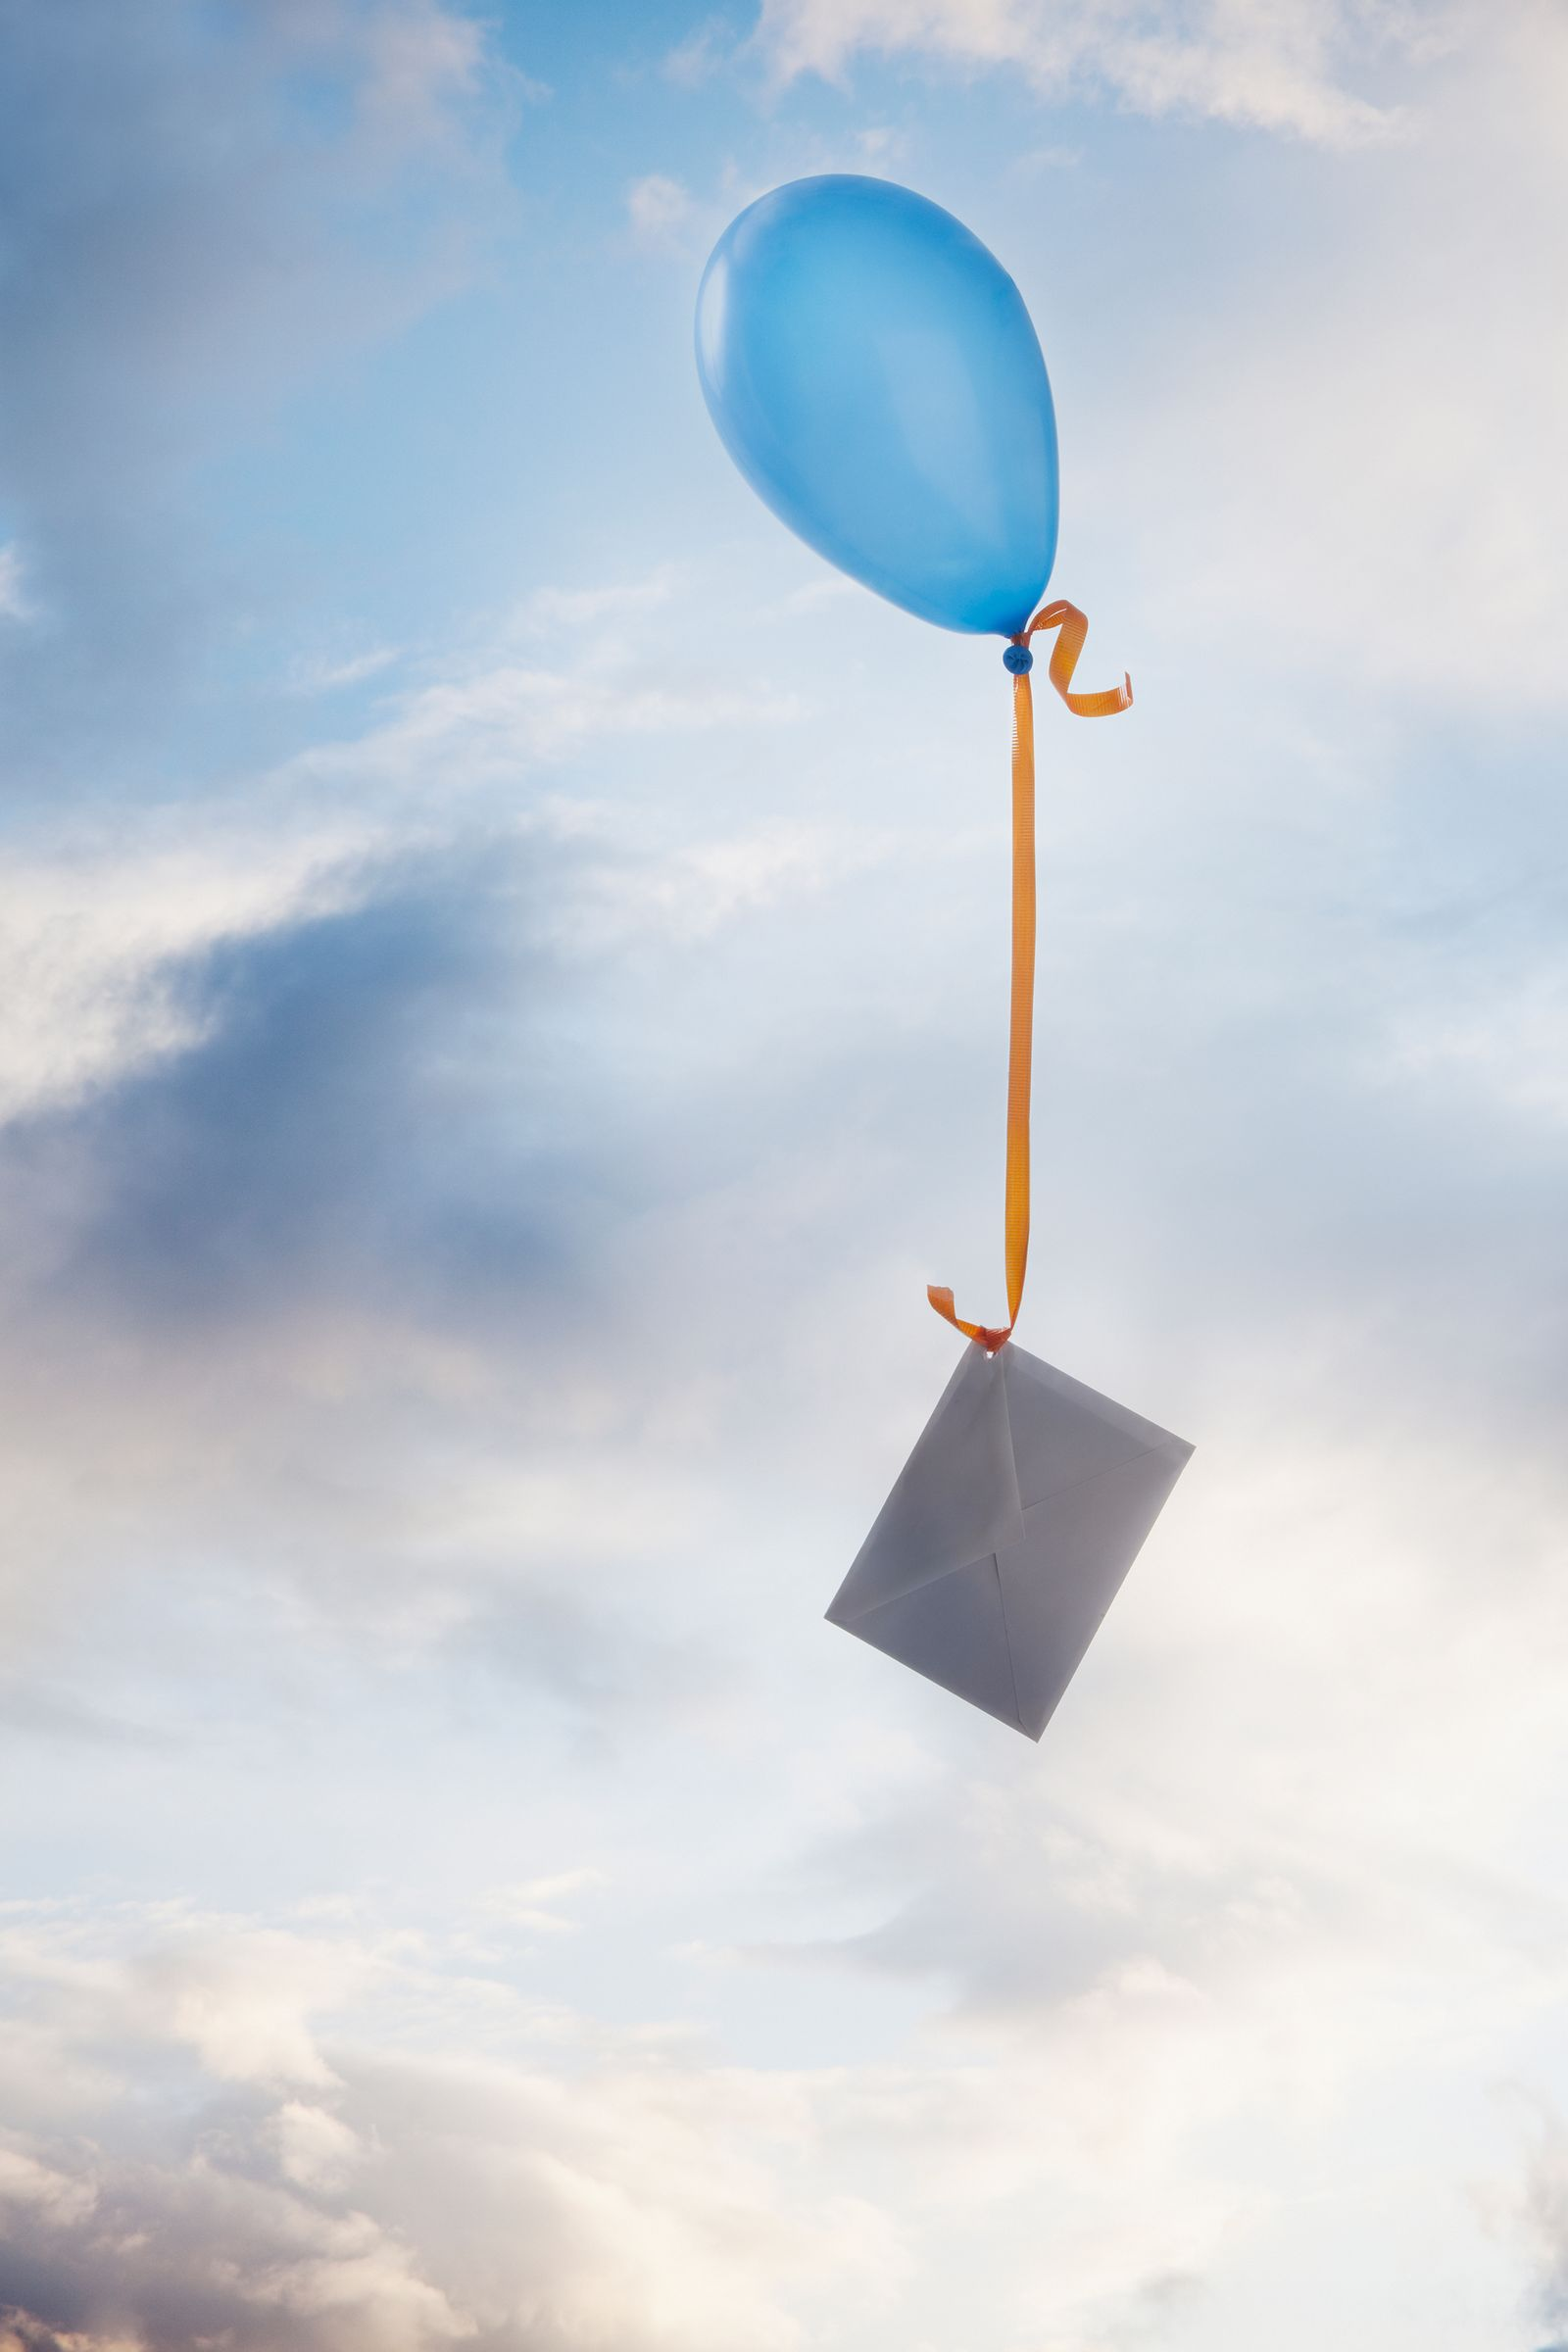 EINMALIGE VERWENDUNG Brief/ Ballon/ Sehnsucht/Distanz